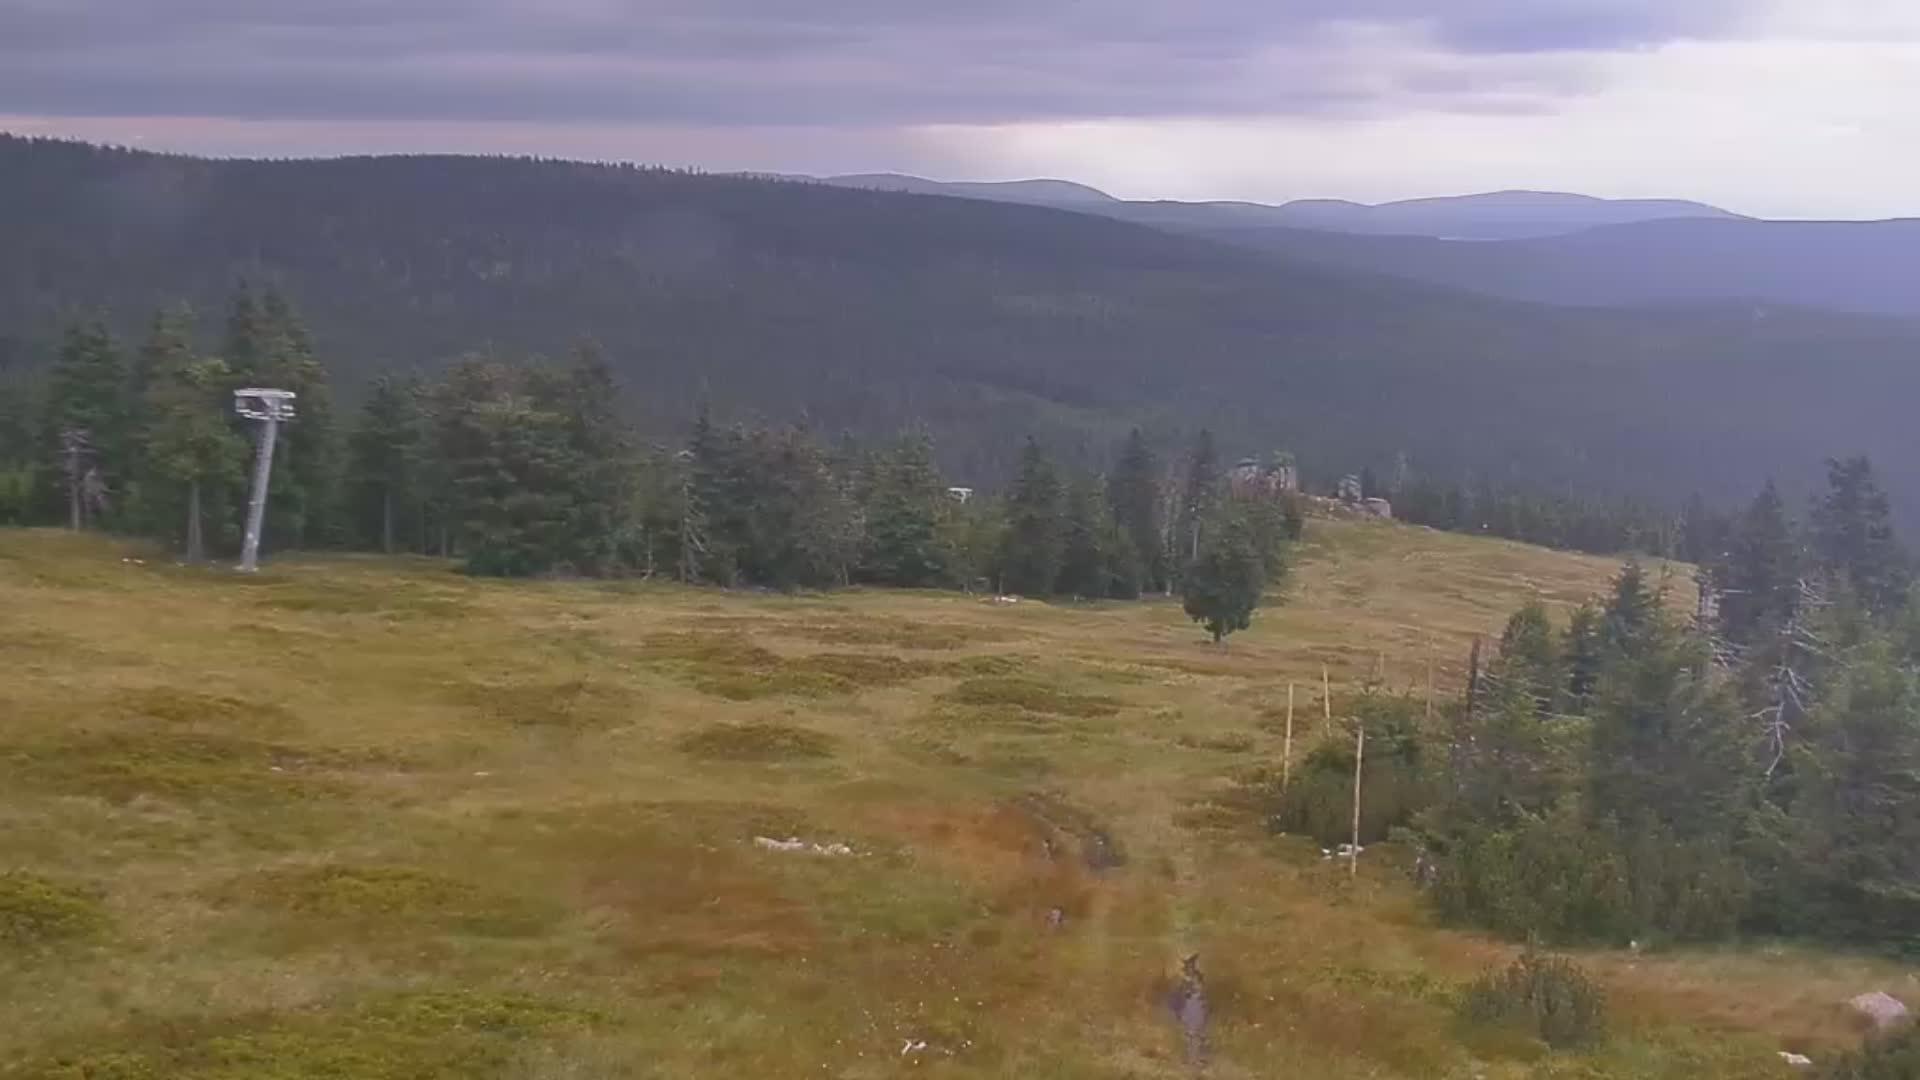 Stok narciarski na Szrenicy